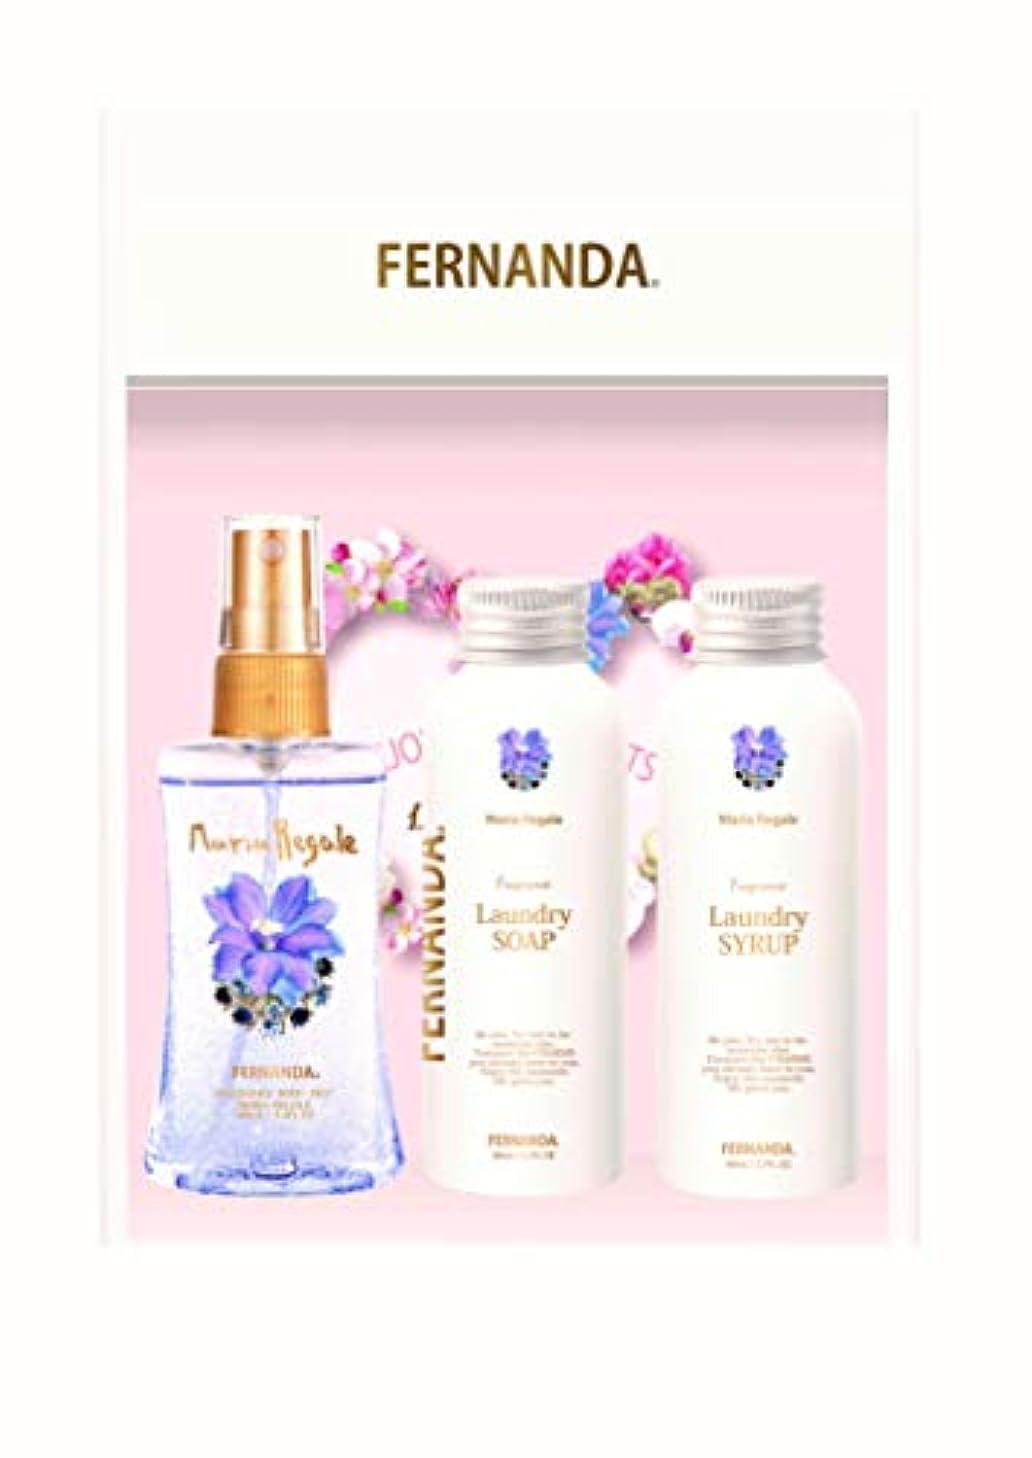 びん理論的ヨーロッパFERNANDA(フェルナンダ)Mist & Laundry Soap & Laungry Syrup Gift Set Maria Regale (ミスト&ランドリーソープ & ランドリーシロップ ギフトセット マリアリゲル)